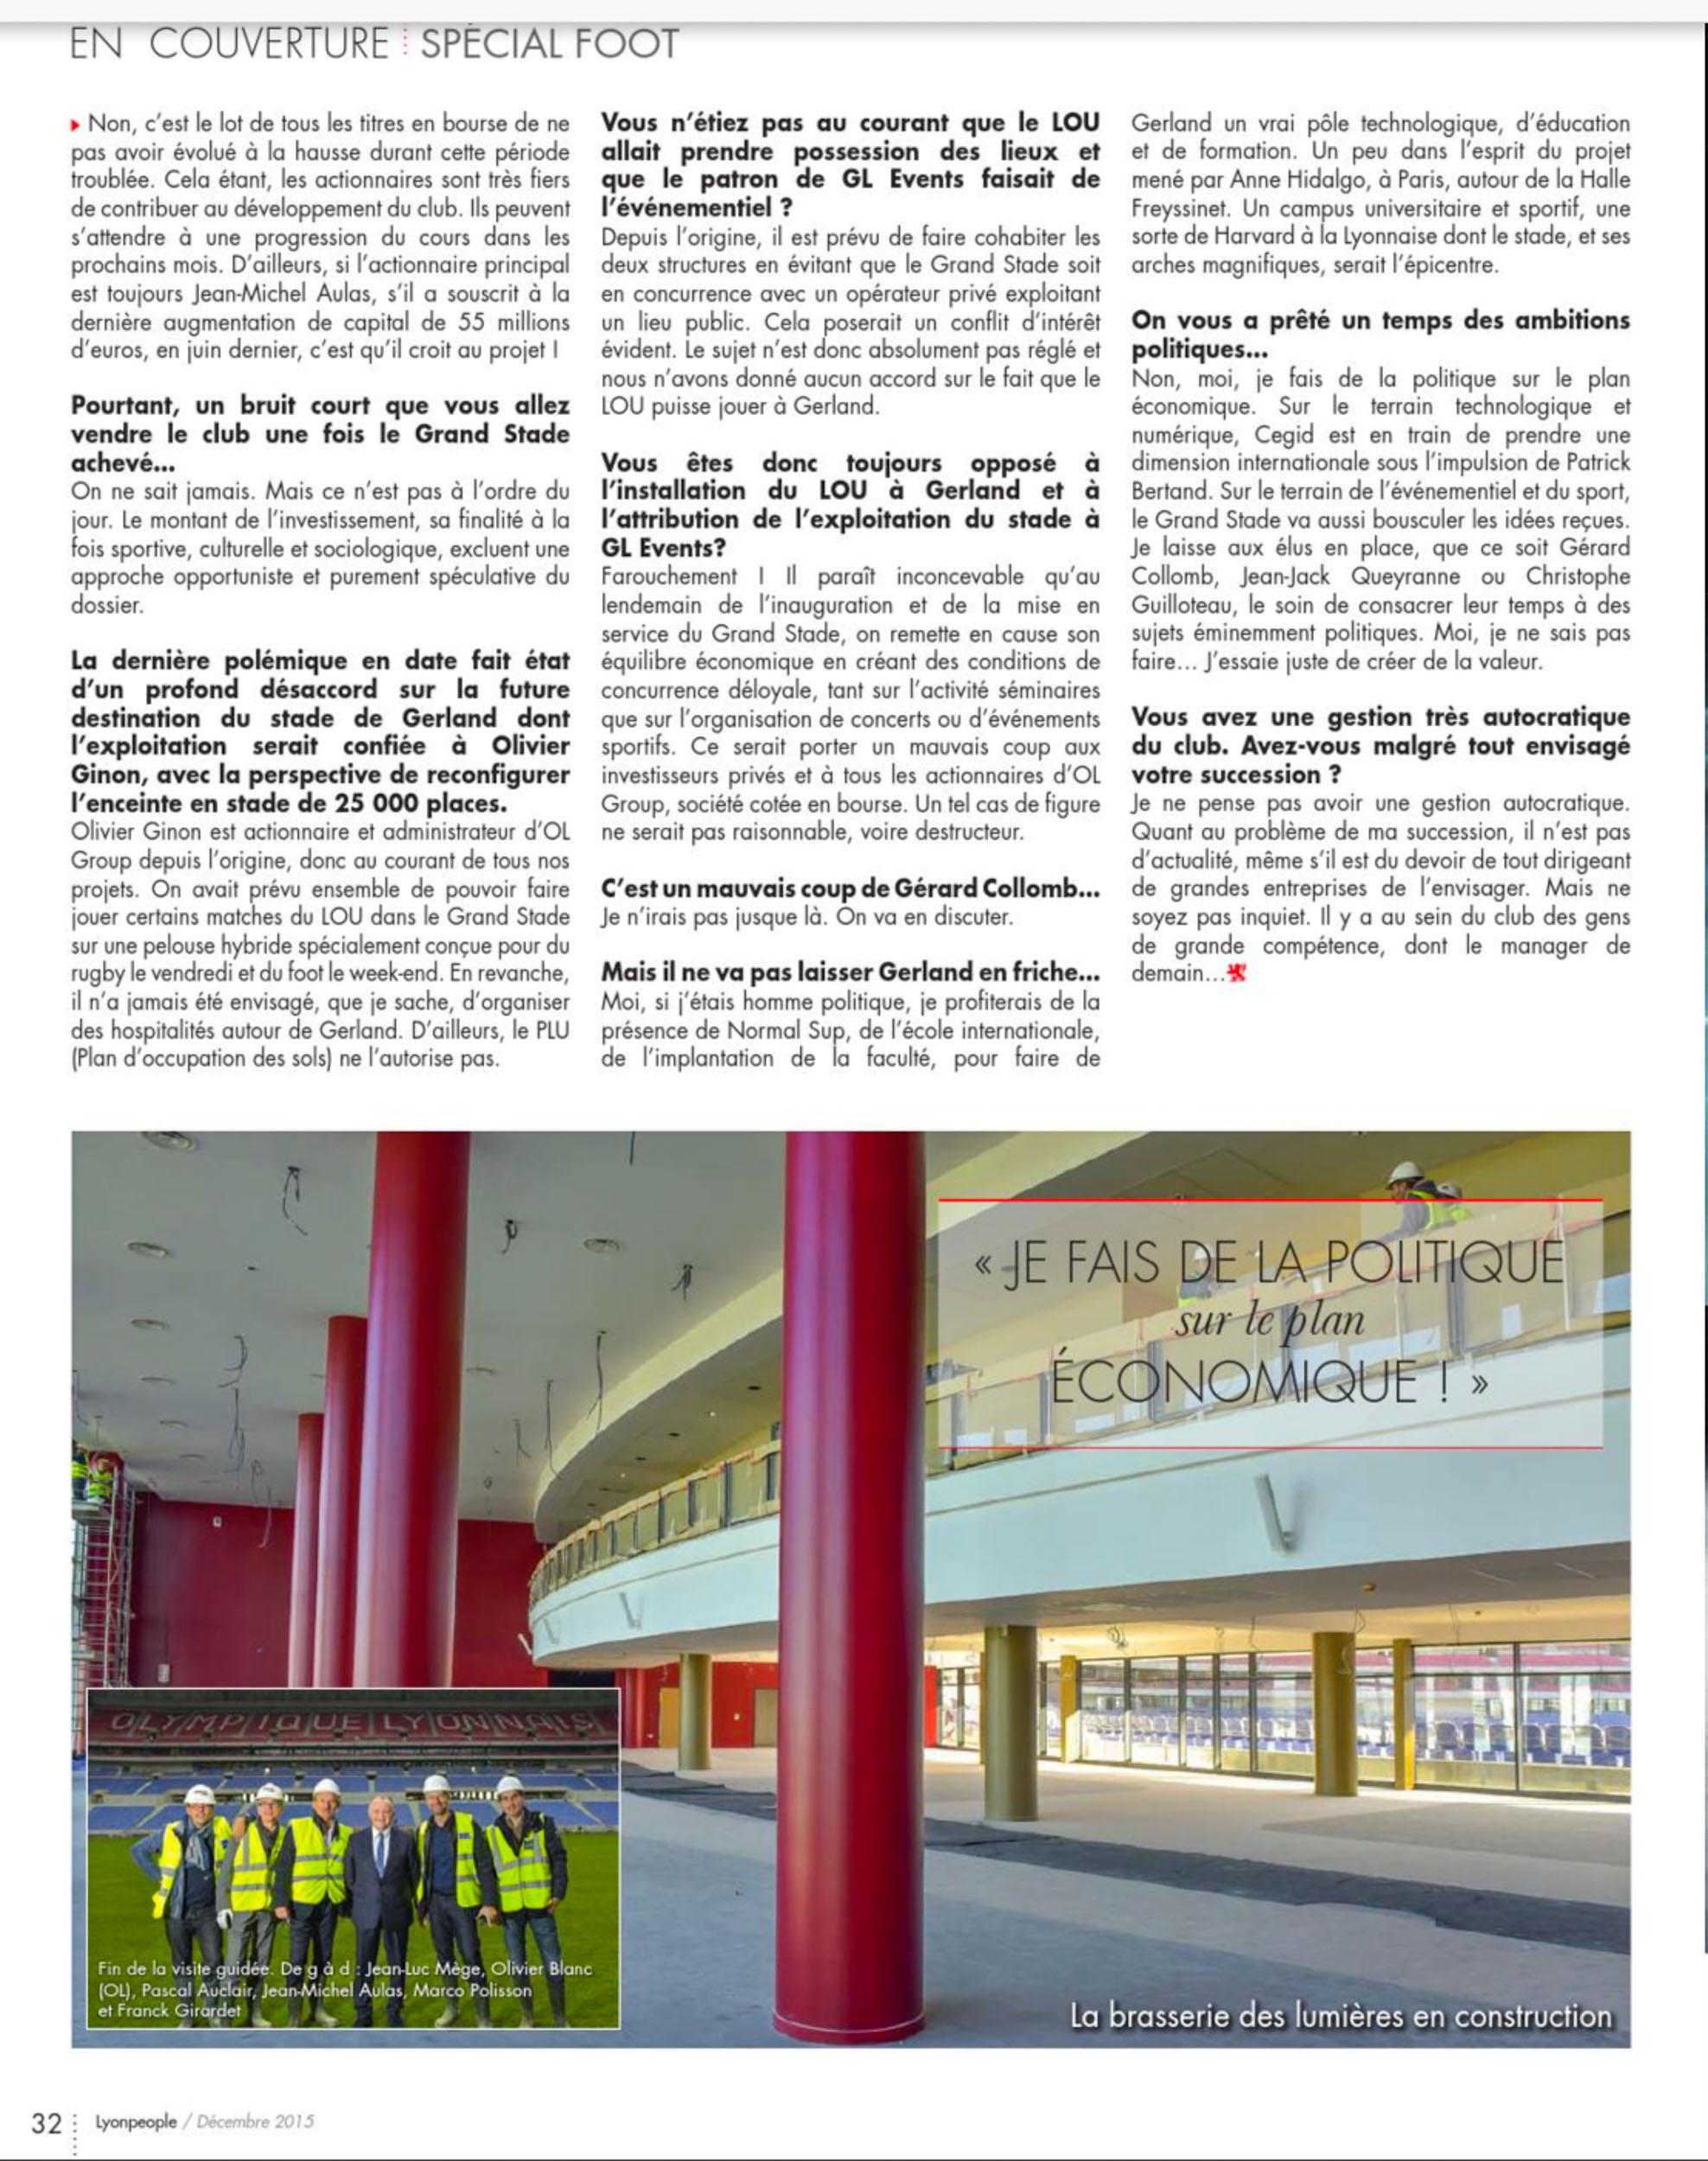 Aulas Page 4.jpg